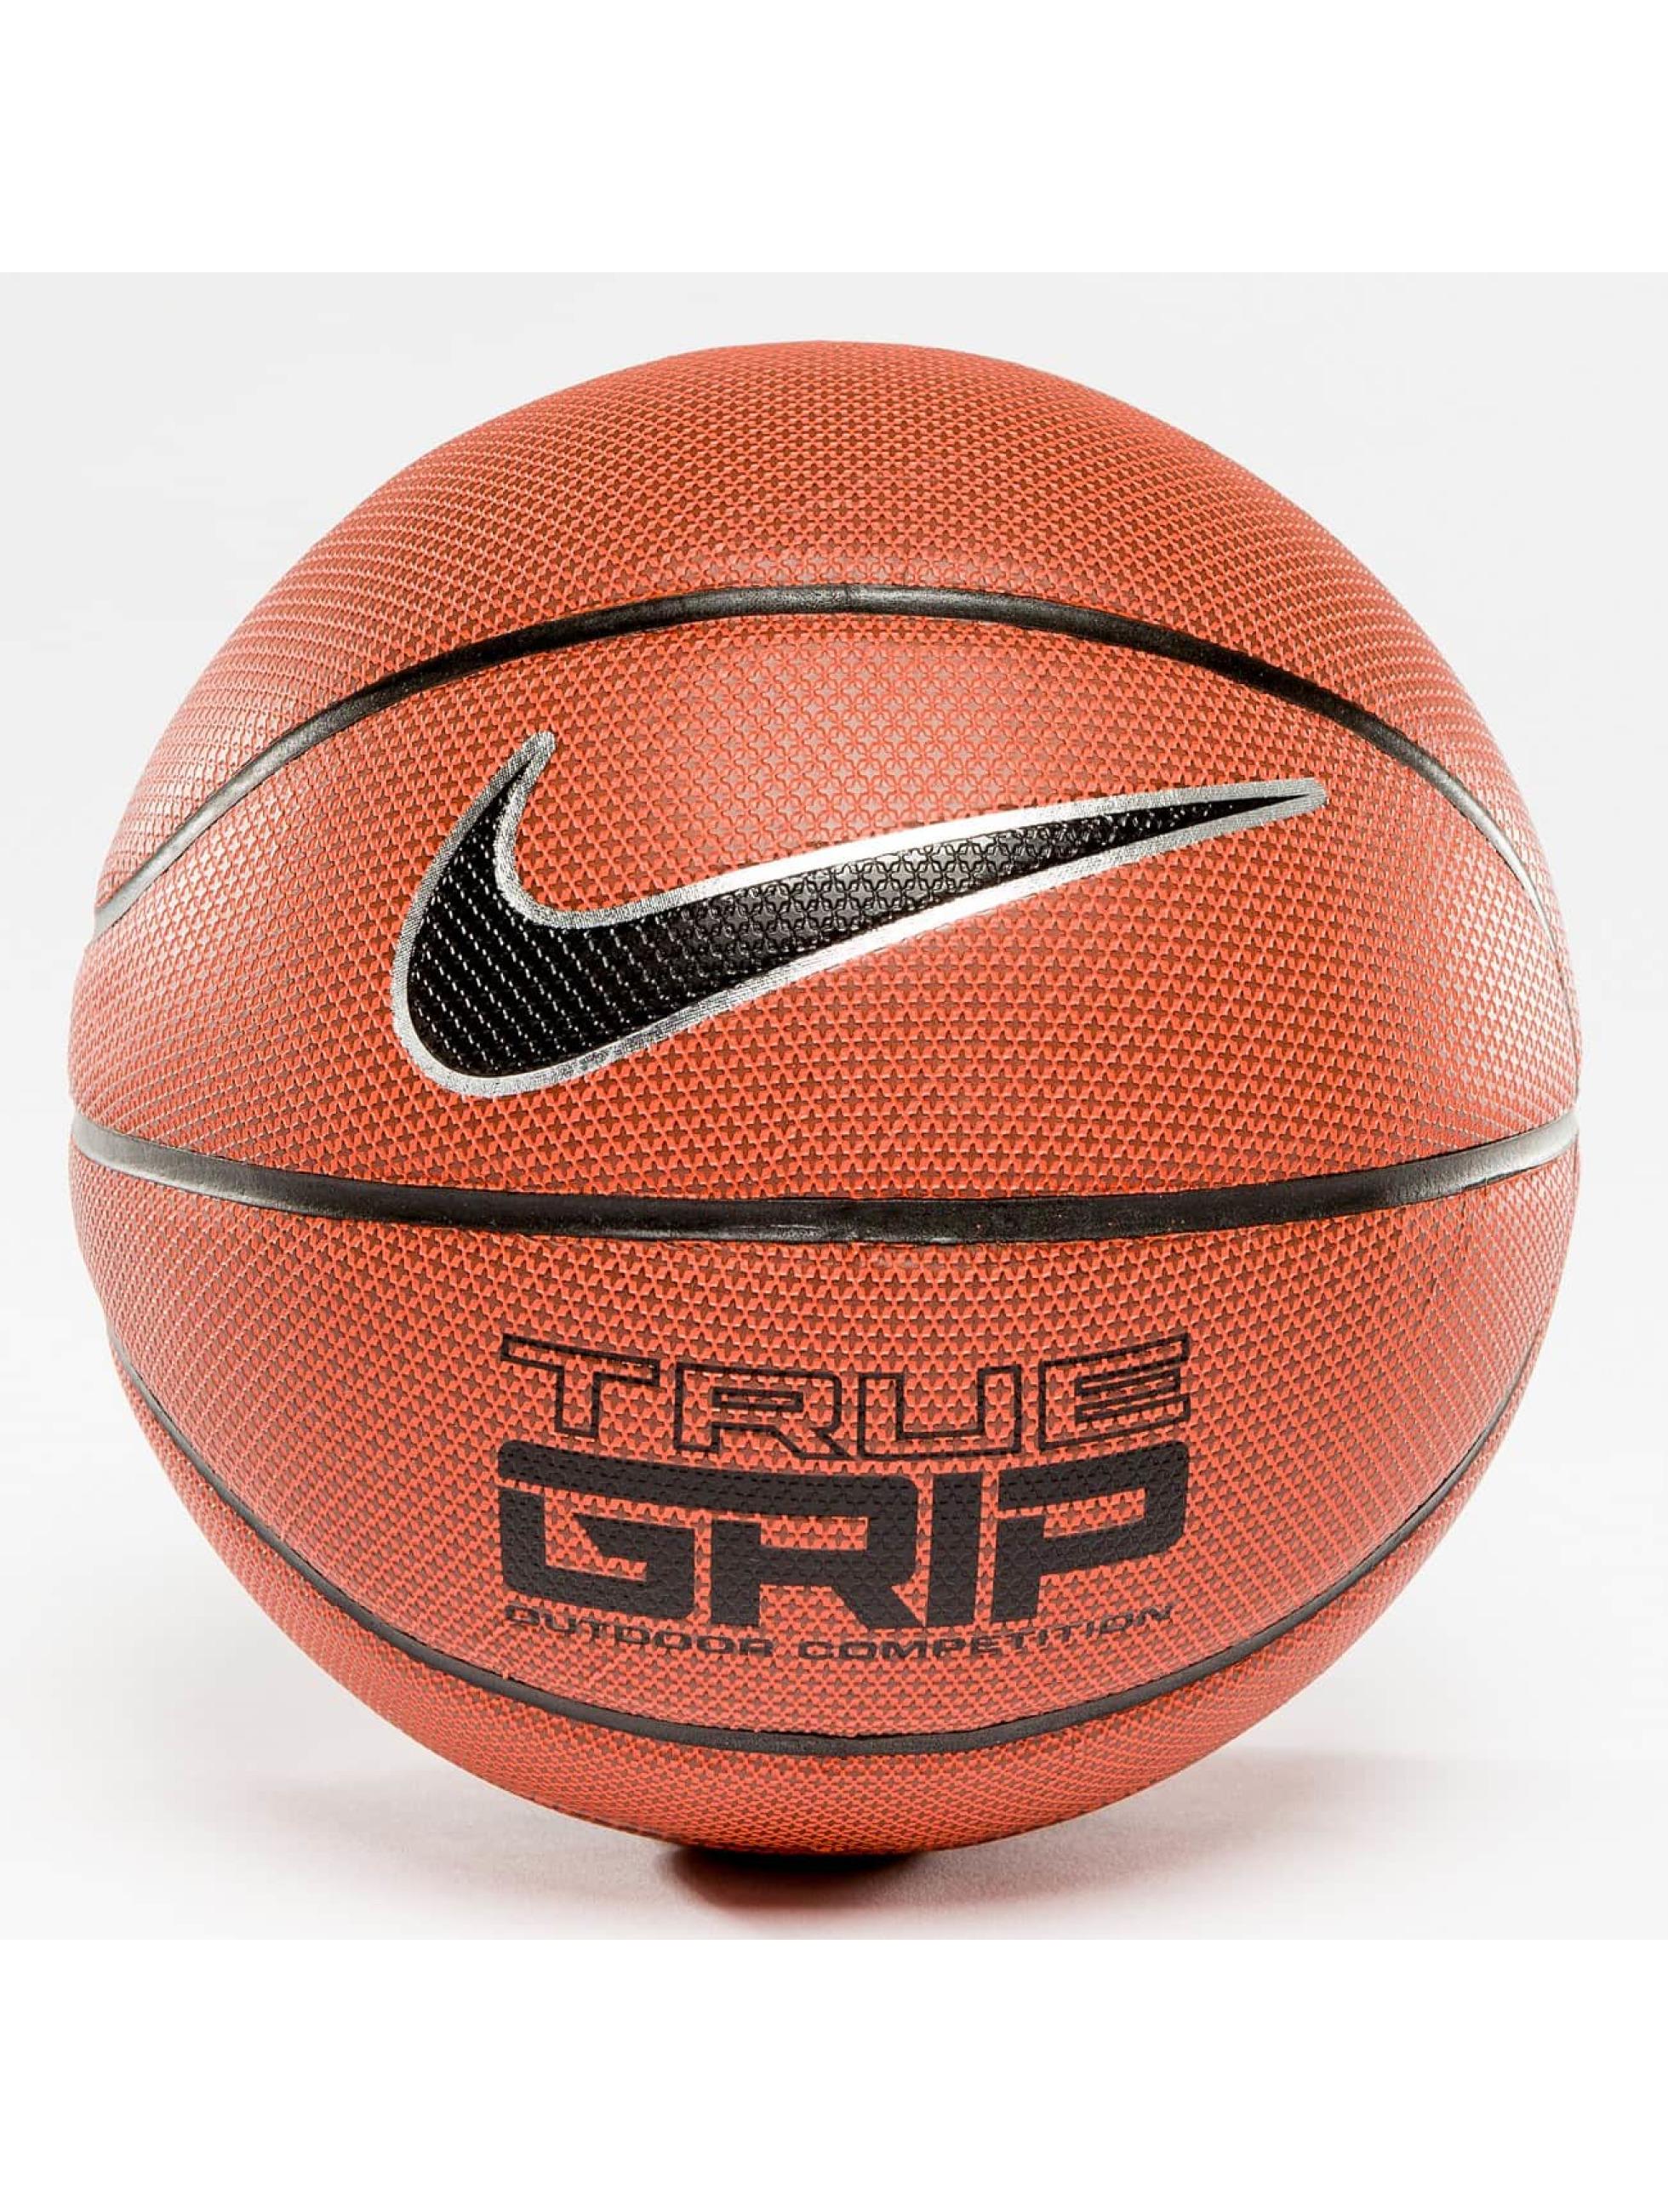 Nike Performance Männer,Frauen,Kinder Ball True Grip 8P in orange